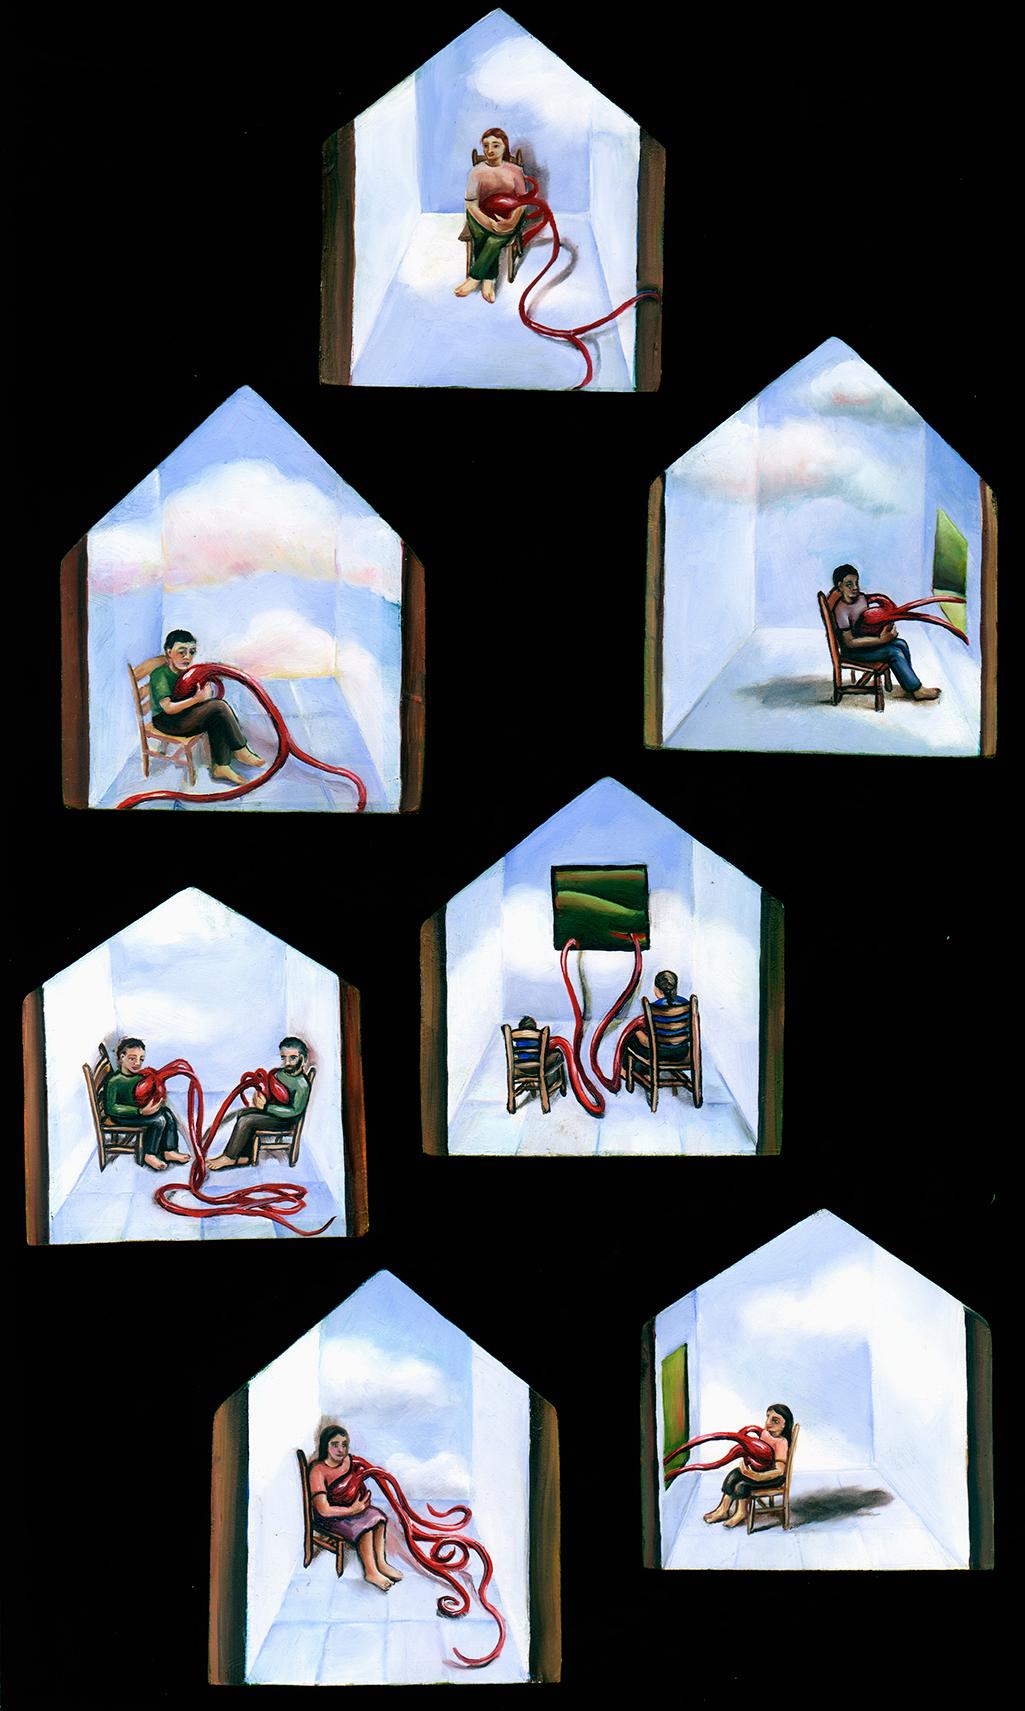 cathy weber - art - painting - woman -house - book art - artist book - book- montana - oil painting - crochet - nest - feather - egg - heart